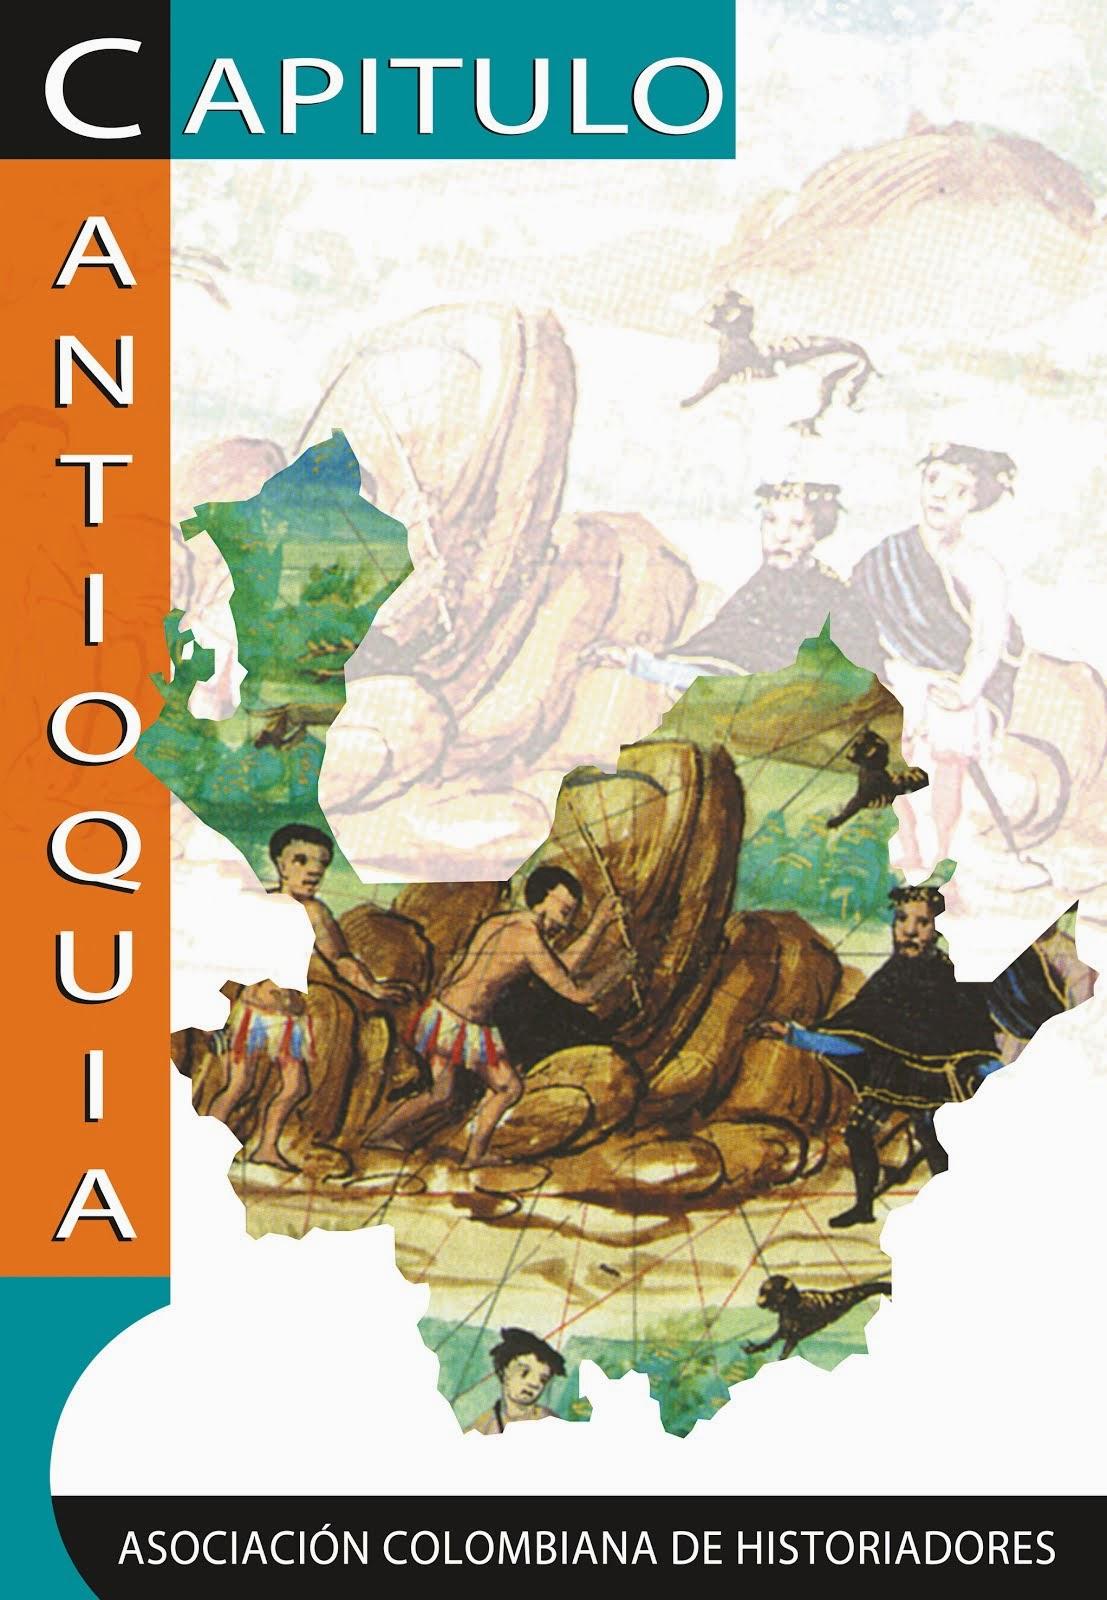 Capítulo Antioquia - Asociación Colombiana de Historiadores